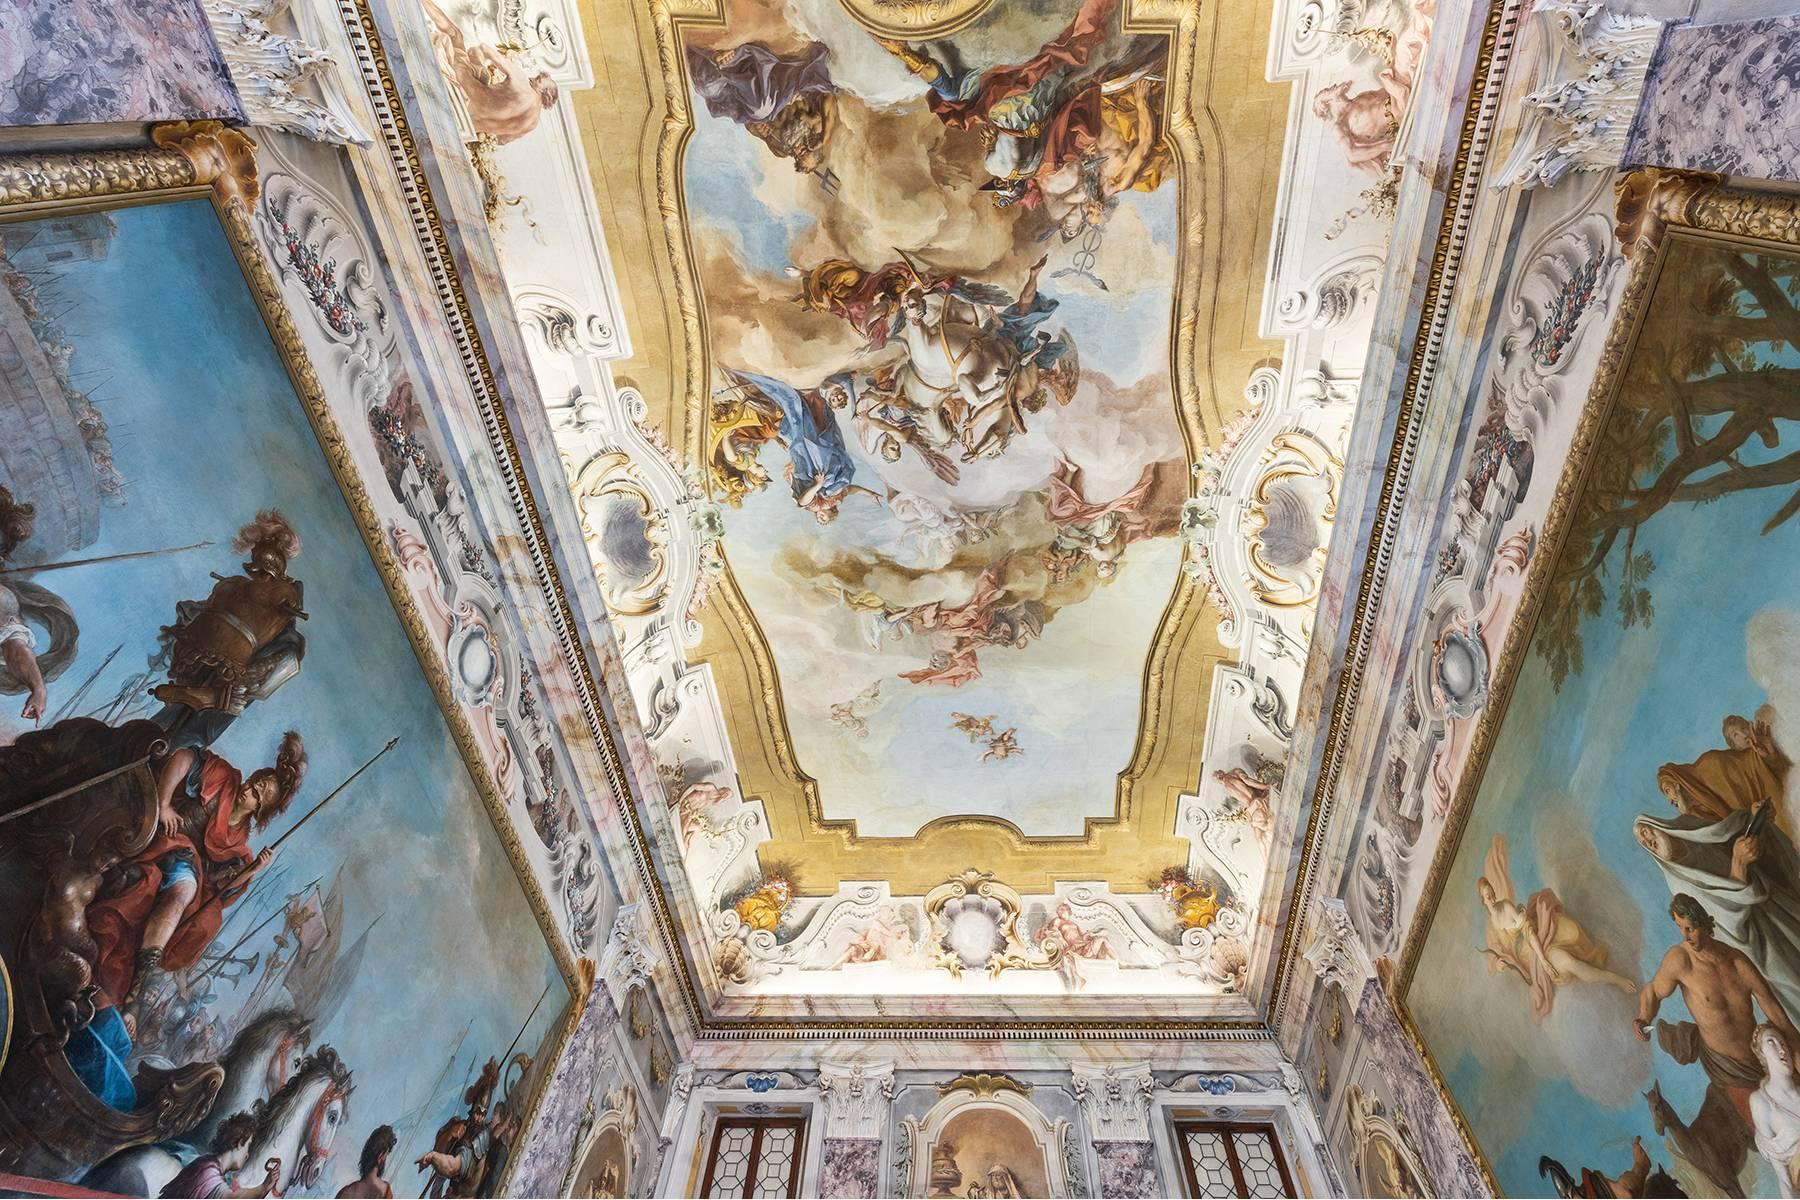 Magnifico Piano nobile affrescato in centro a Verona - 2